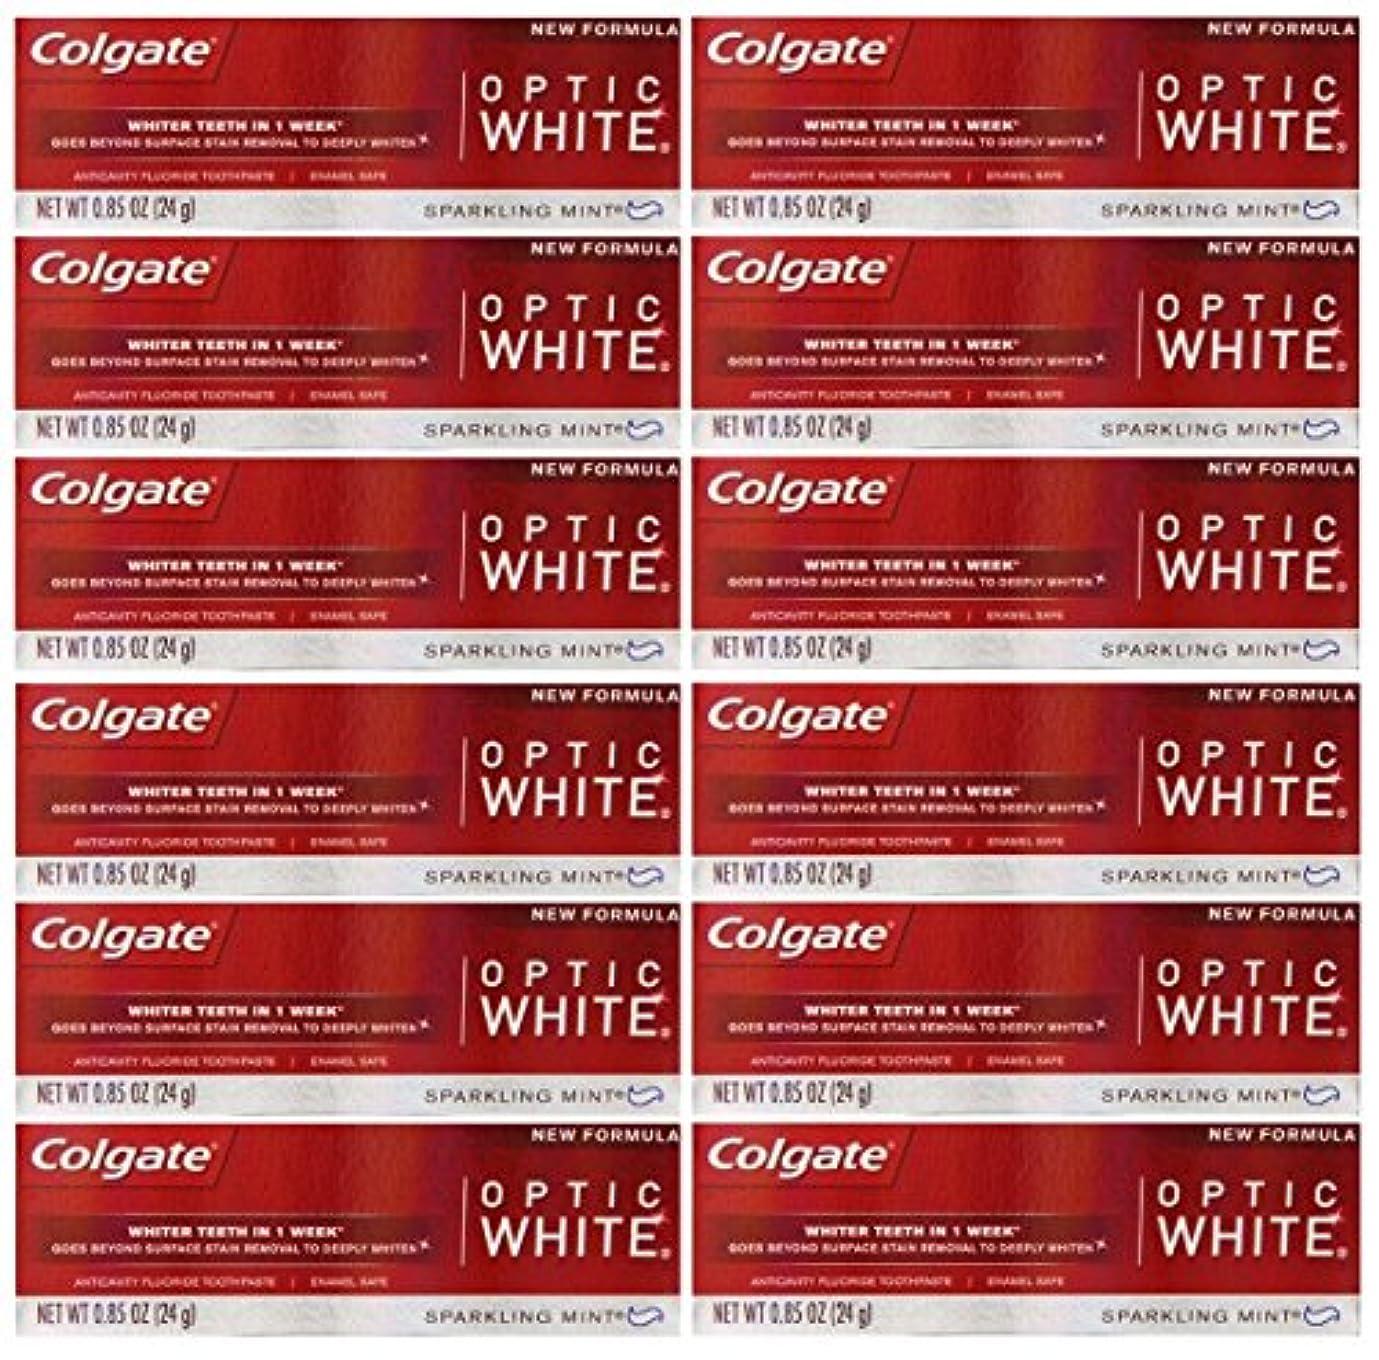 シャッフル堂々たる限りColgate 12パック - ハミガキ、スパークリングホワイト、スパークリングミント、トラベルサイズ0.85オンスホワイトニングオプティックホワイト歯